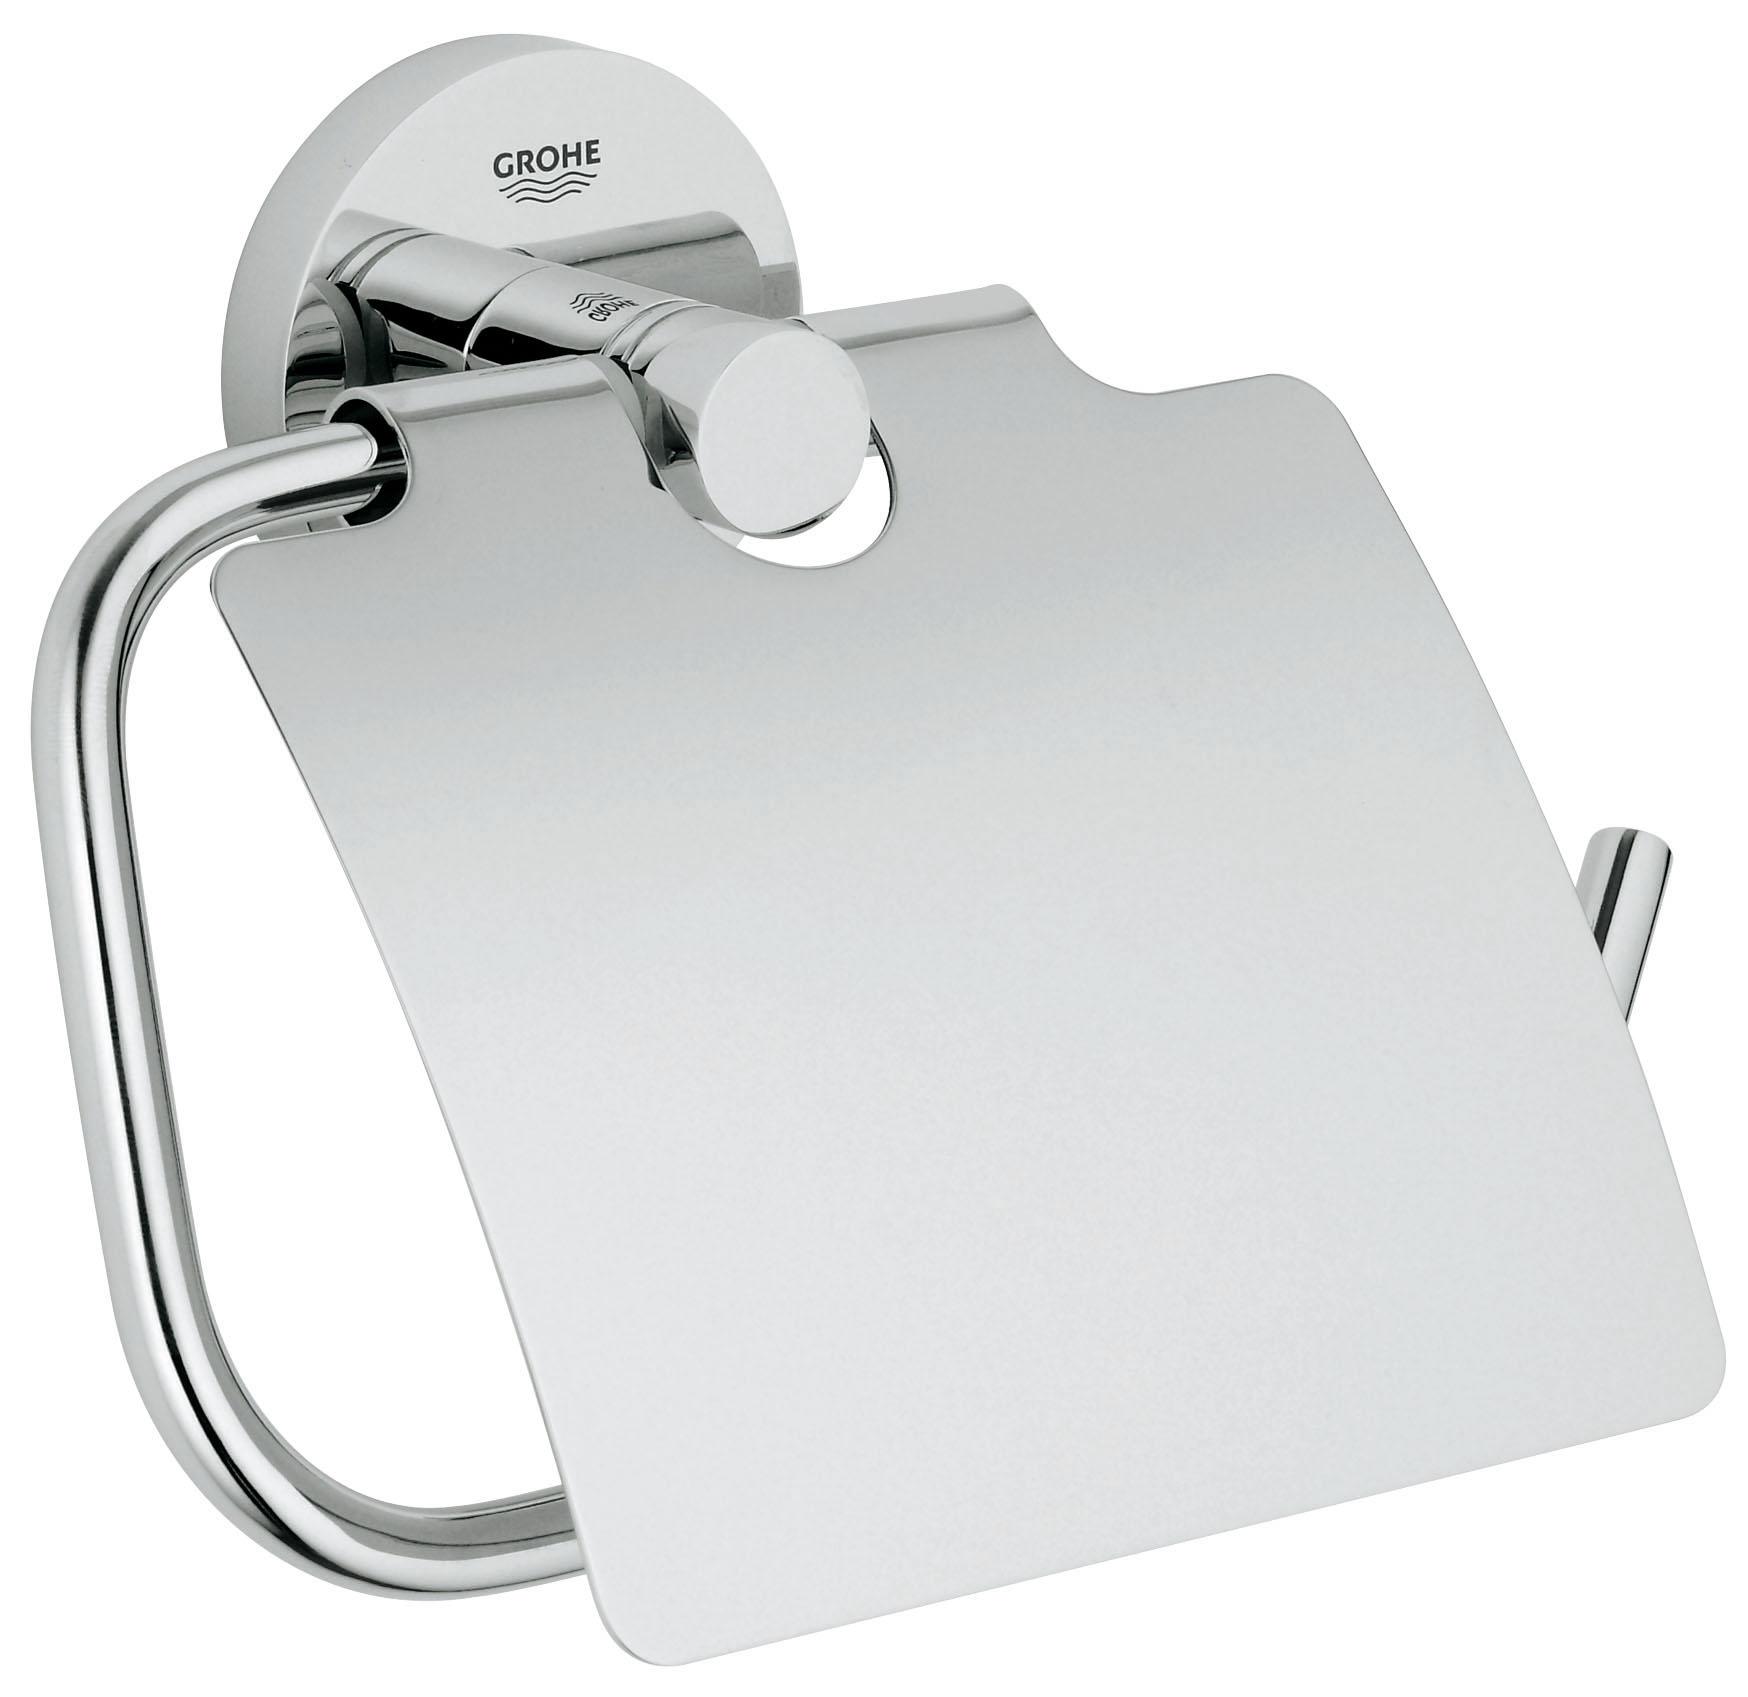 Держатель для туалетной бумаги GROHE Essentials, с крышкой. 4036700040367000Образец неоспоримой эстетической привлекательности: держатель для туалетной бумаги с козырьком из коллекции GROHE Essentials, в дизайне которого элегантность объединена с функциональностью, станет эффектным акцентом в интерьере вашей ванной комнаты. Ослепительное хромированное покрытие, в которое заложены проверенные стандарты качества GROHE, сохранит свой первозданный вид на многие годы. Особенности с крышкой GROHE StarLight хромированная поверхность